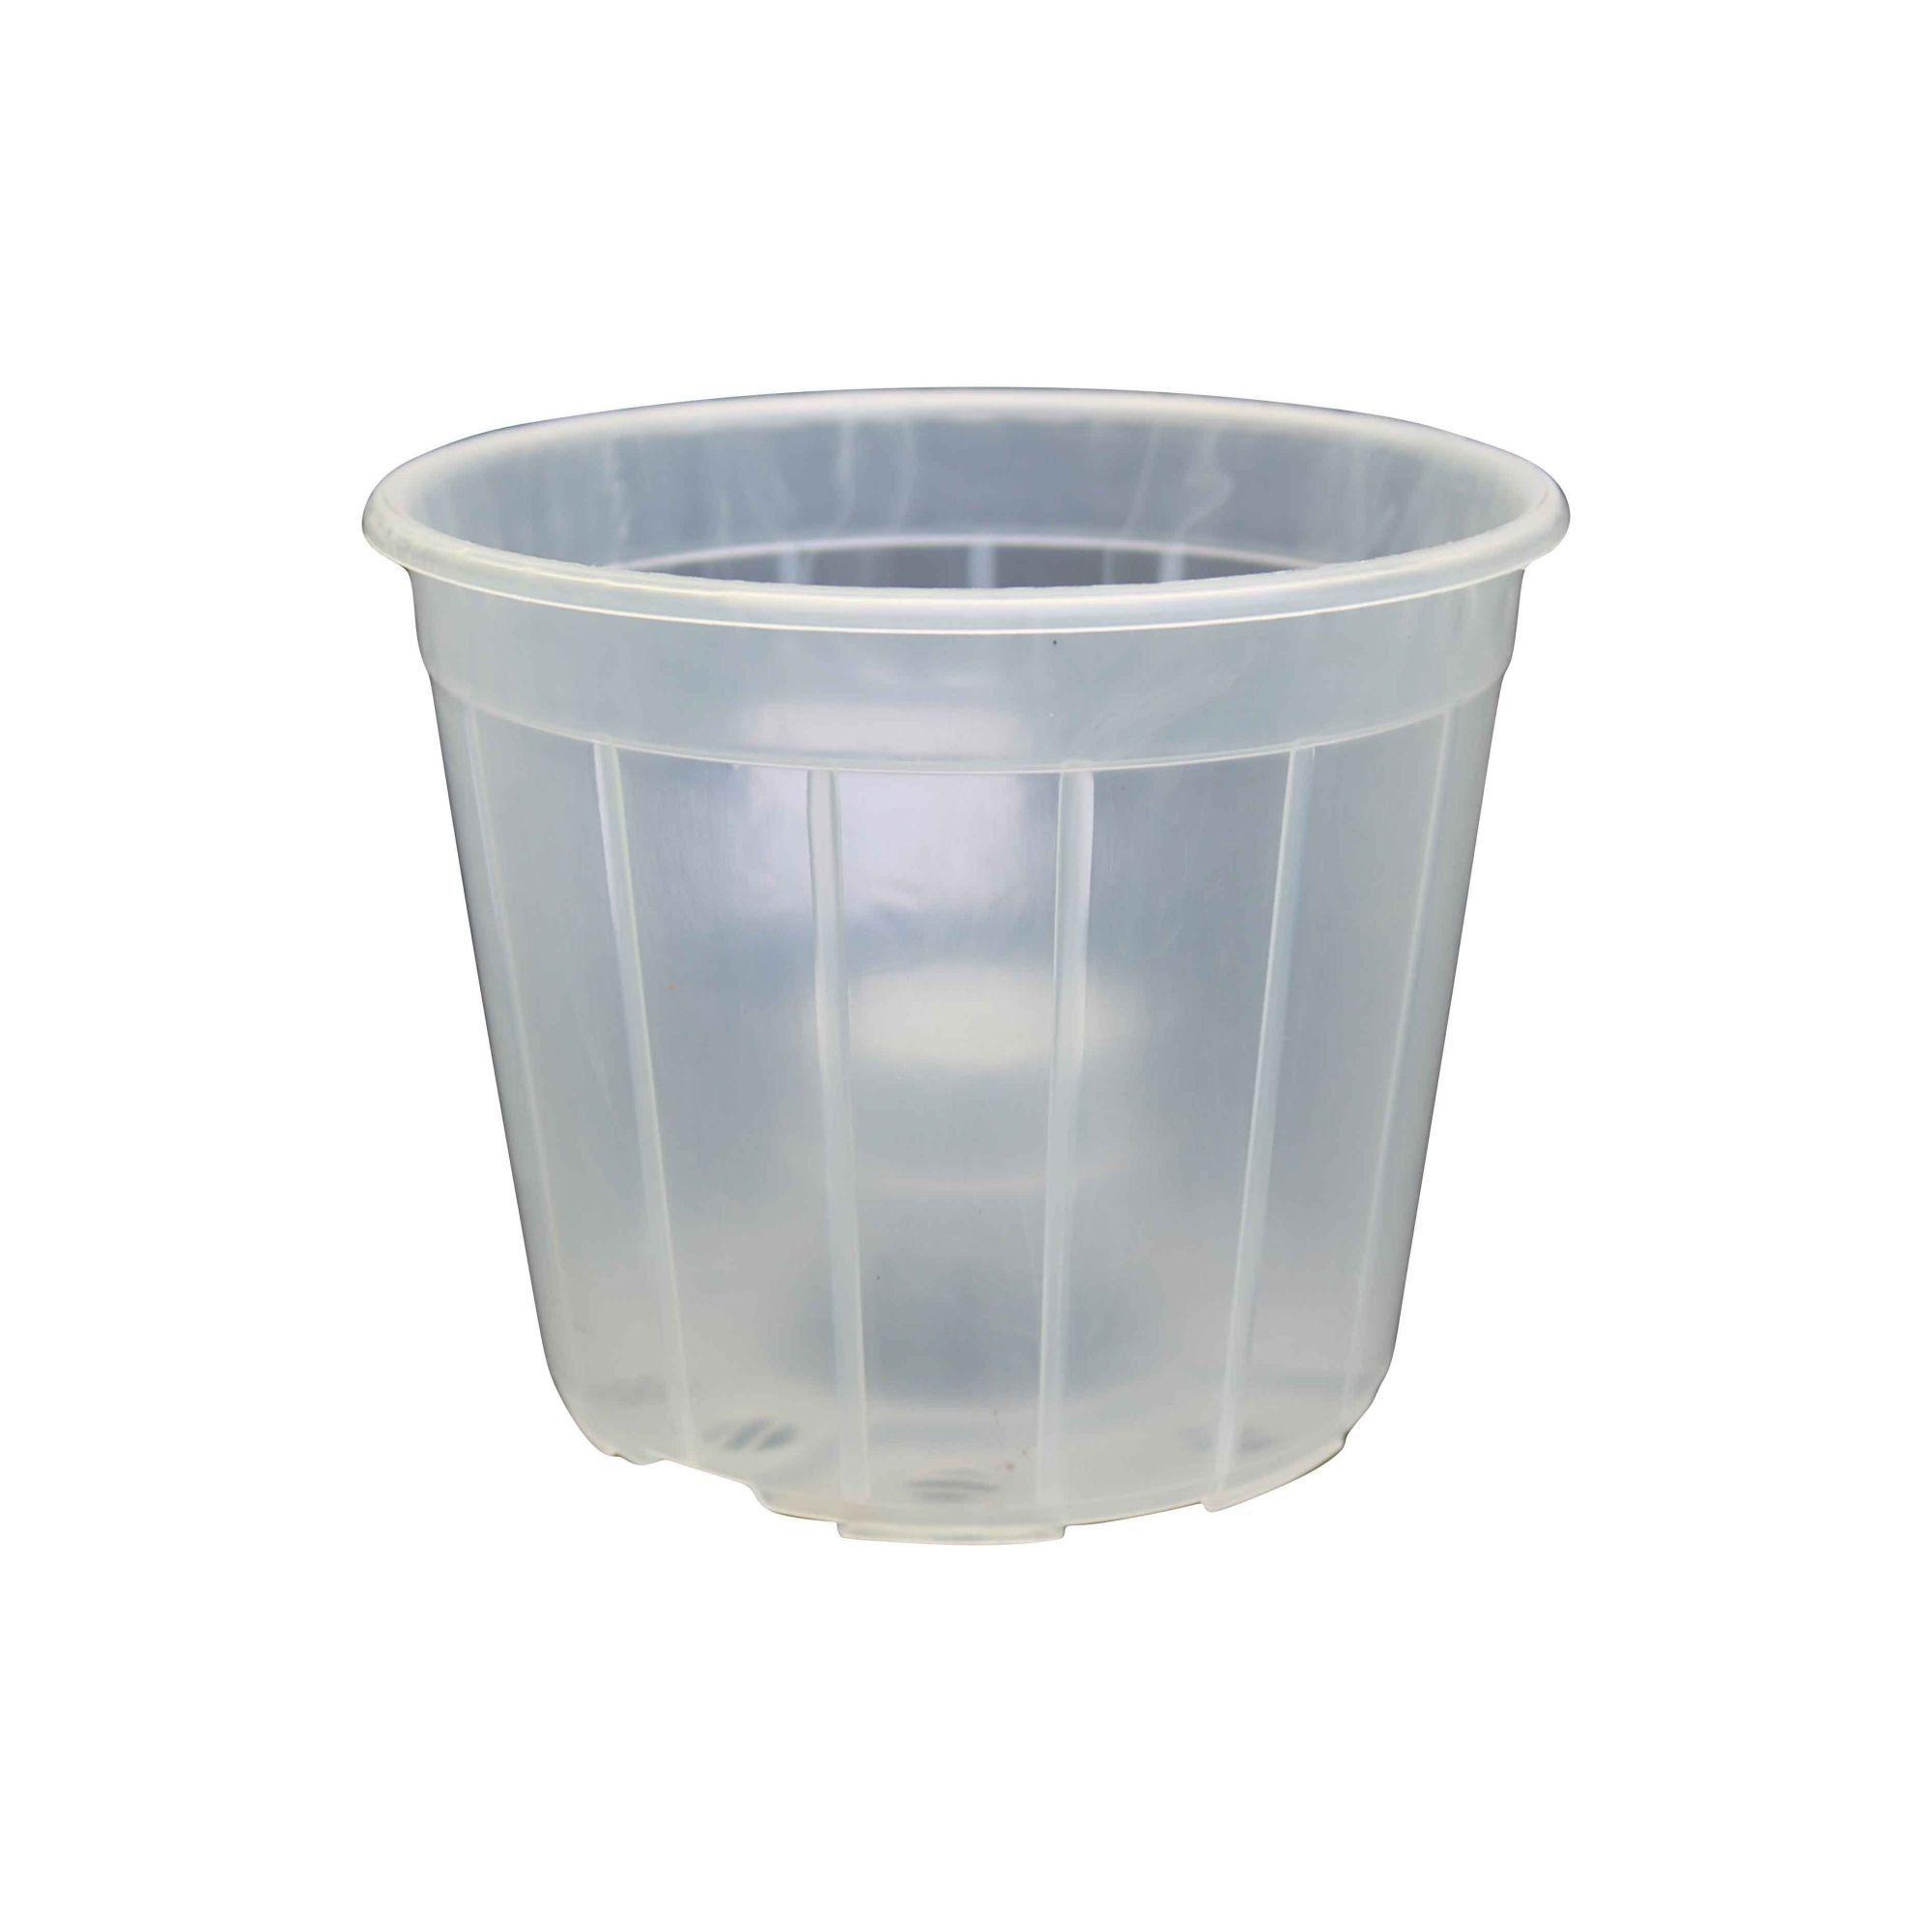 Vaso Plástico Transparente para Orquídeas 12cm x 15cm